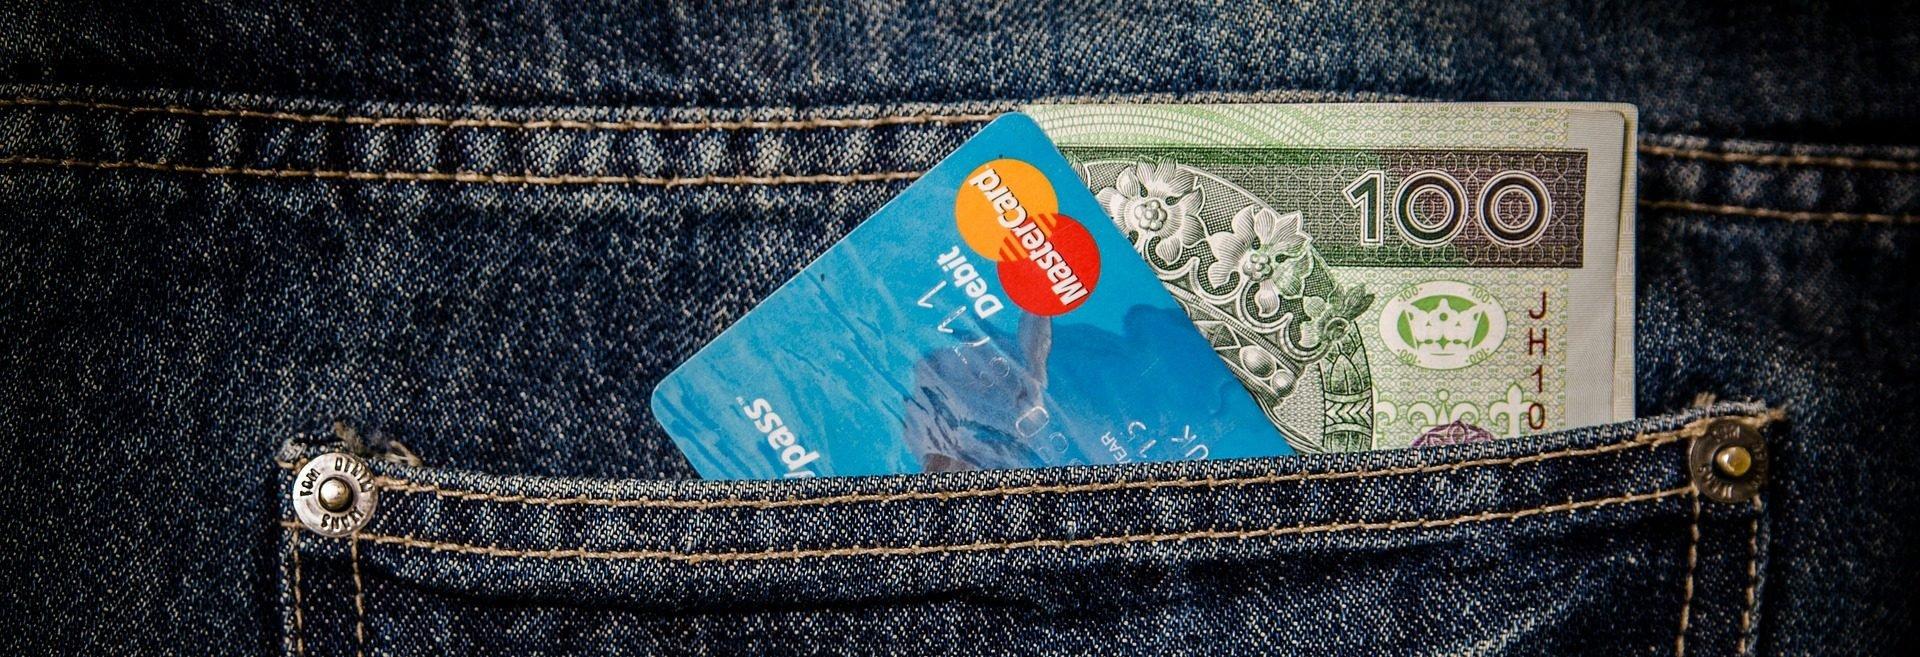 Kup bitcoin za przelew elektroniczy, kartę kredytową, kartę debetową, SMS, Paypal, Skrill, Moneybookers, ale też za funty, korony norweskie lub złotówki. Sposoby na zakup kryptowalut, prowizje, szanse i zagrożenia.